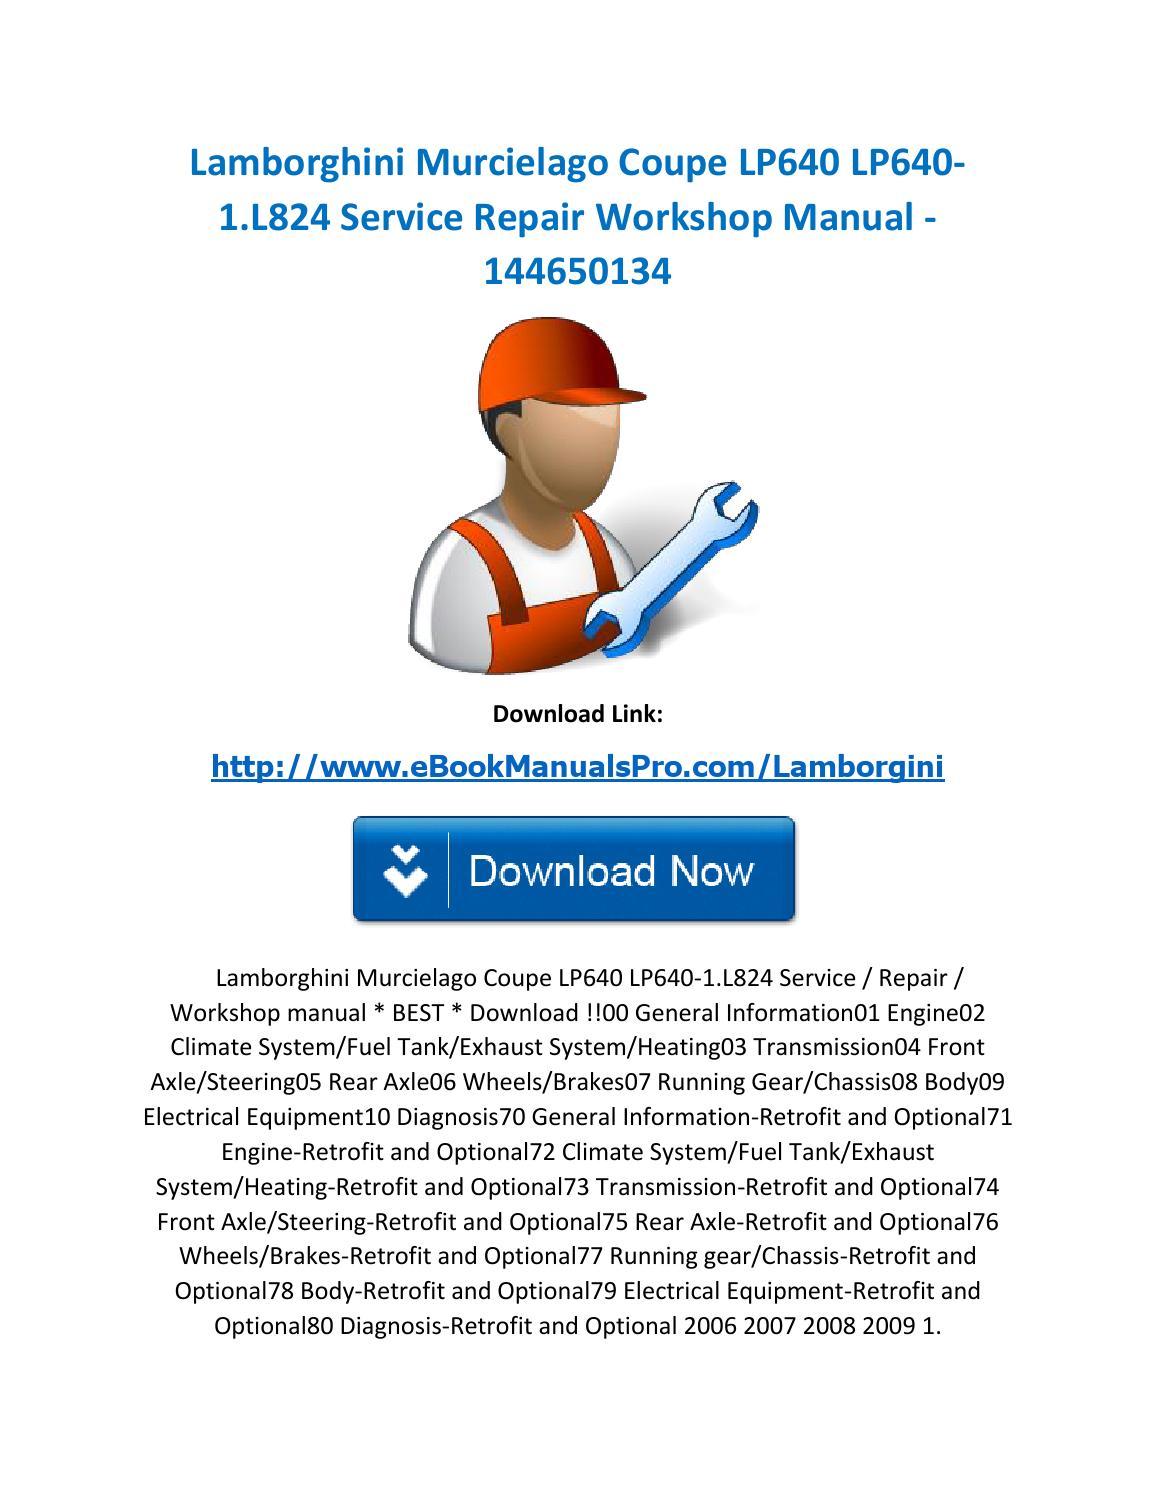 Lamborghini murcielago coupe lp640 lp640 1 l824 service repair workshop  manual 144650134 by karl casino - issuu